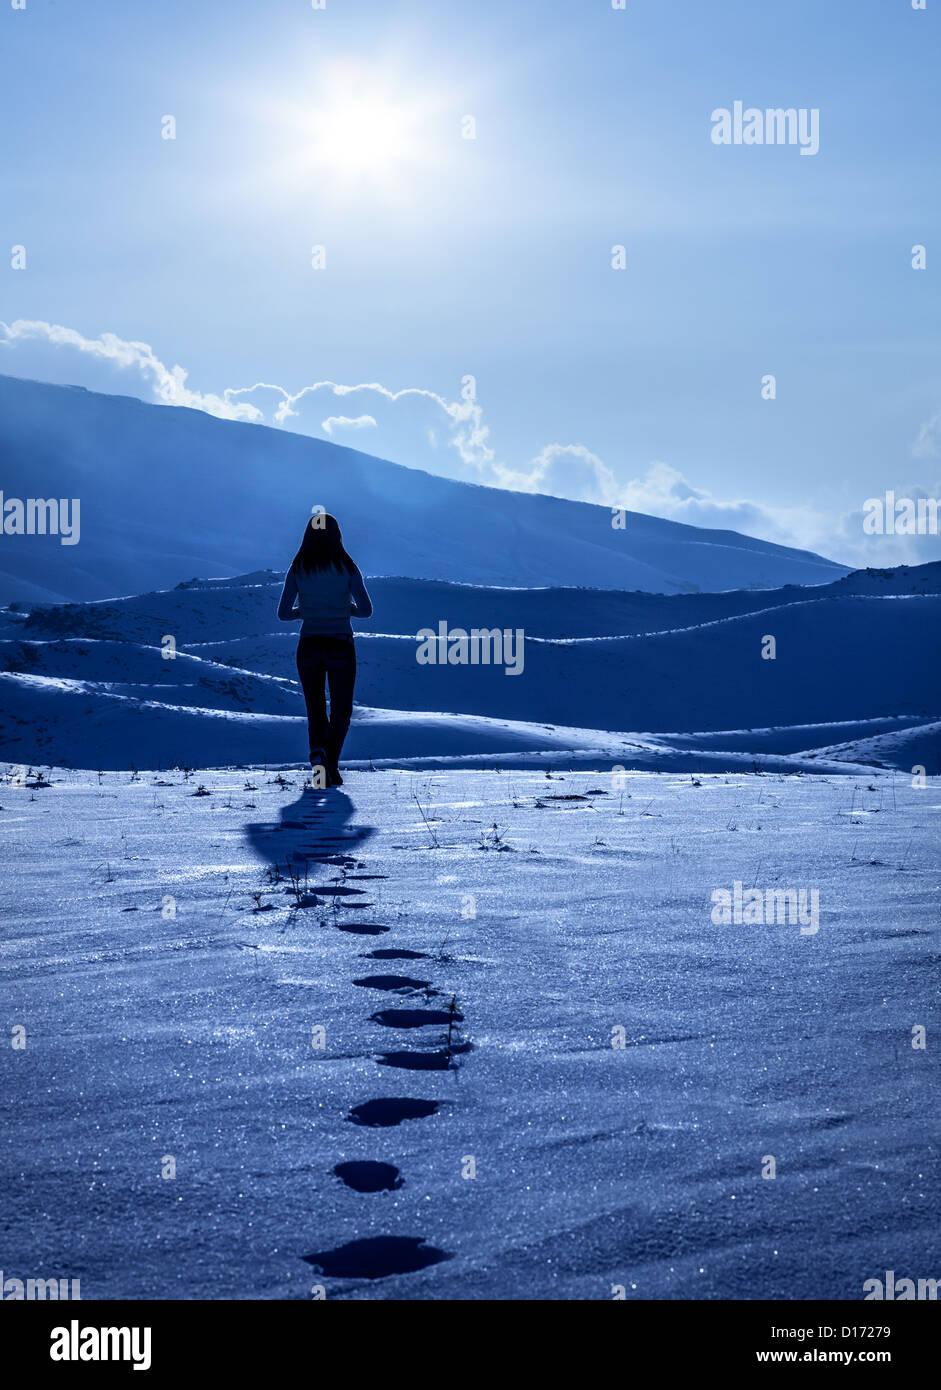 Image de silhouette de femme solitaire au winter mountains, empreintes de pas sur la neige, appréciant la vue Photo Stock